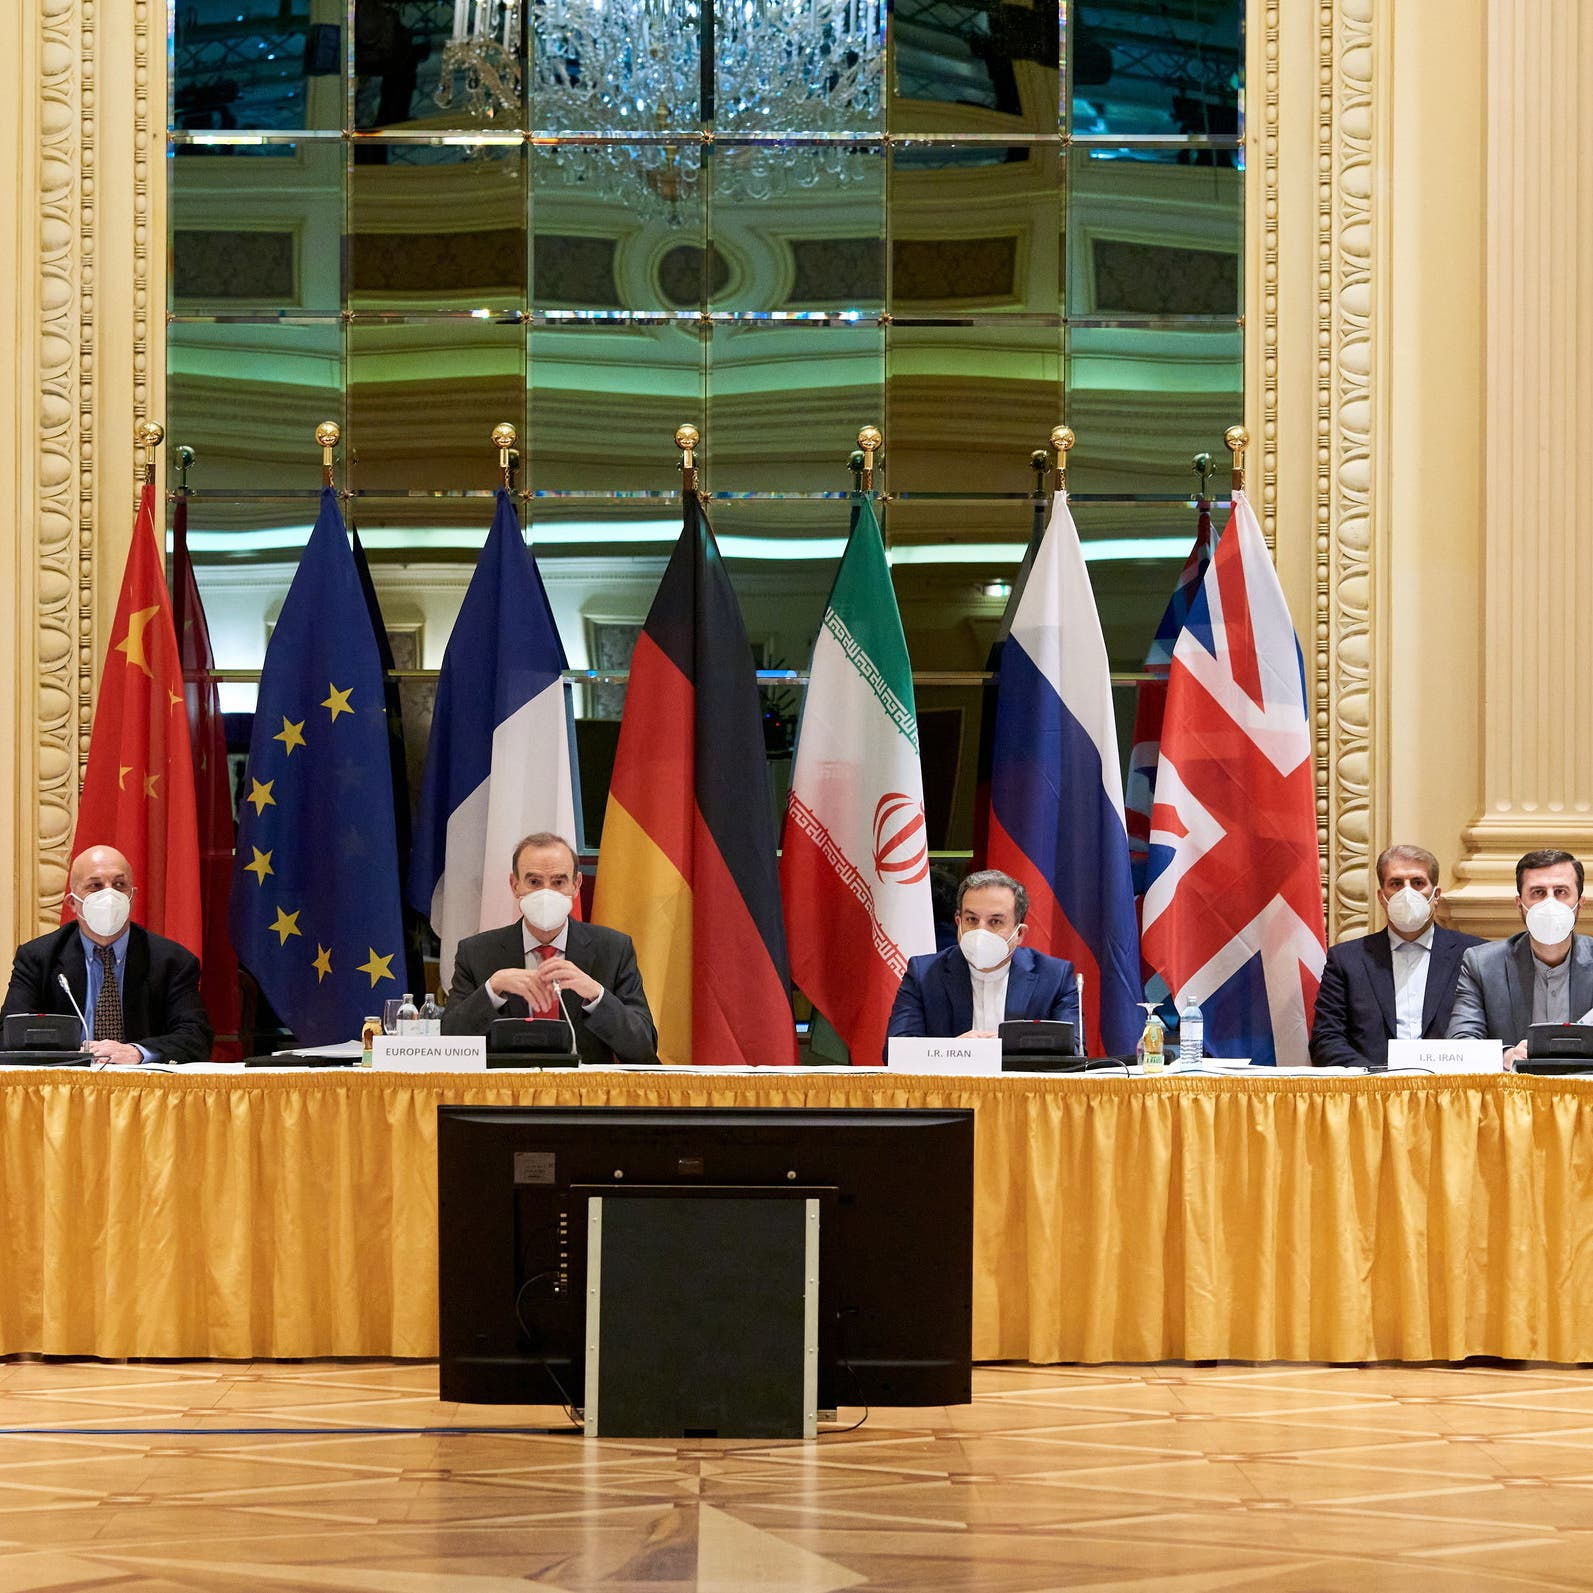 تأجيل اجتماع فيينا حولالاتفاق النووي الإيراني إلى الخميس